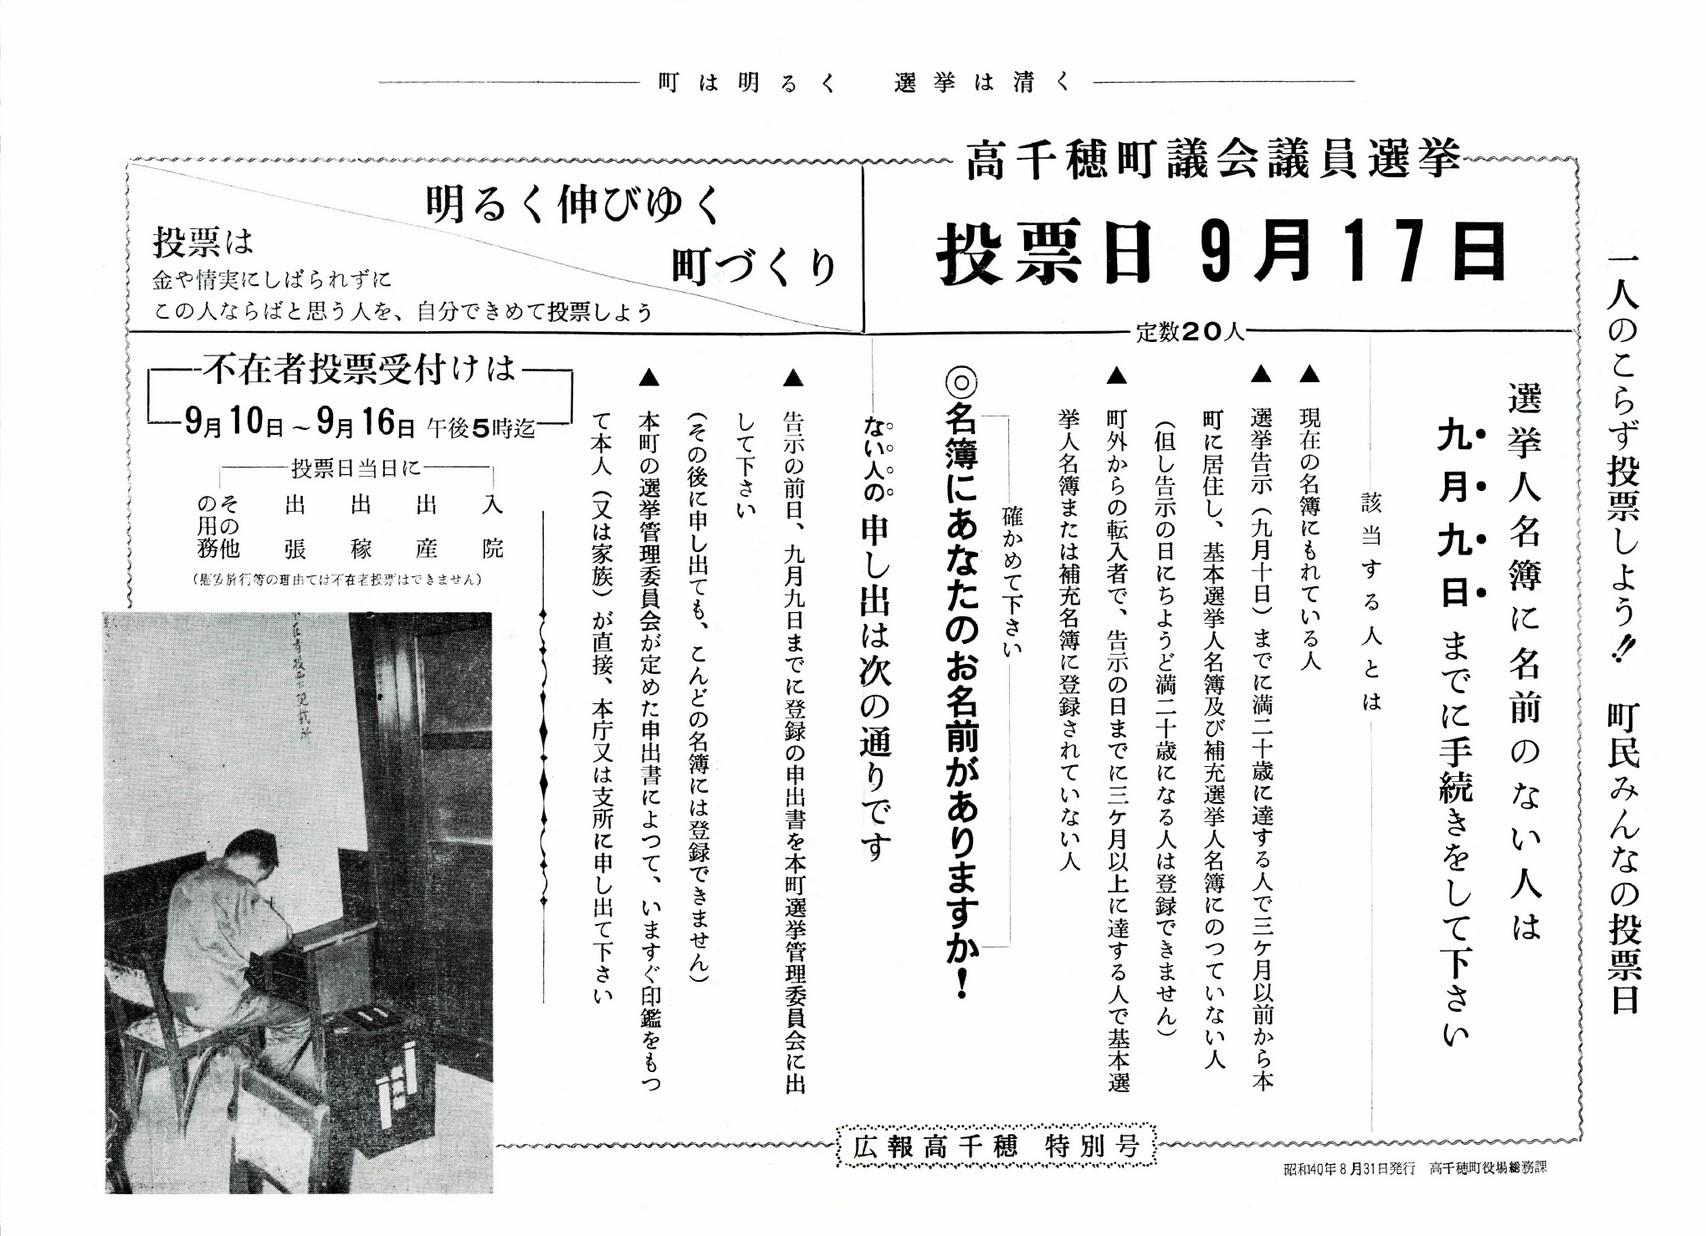 広報たかちほ 特別号 1965年8月31日発行の表紙画像